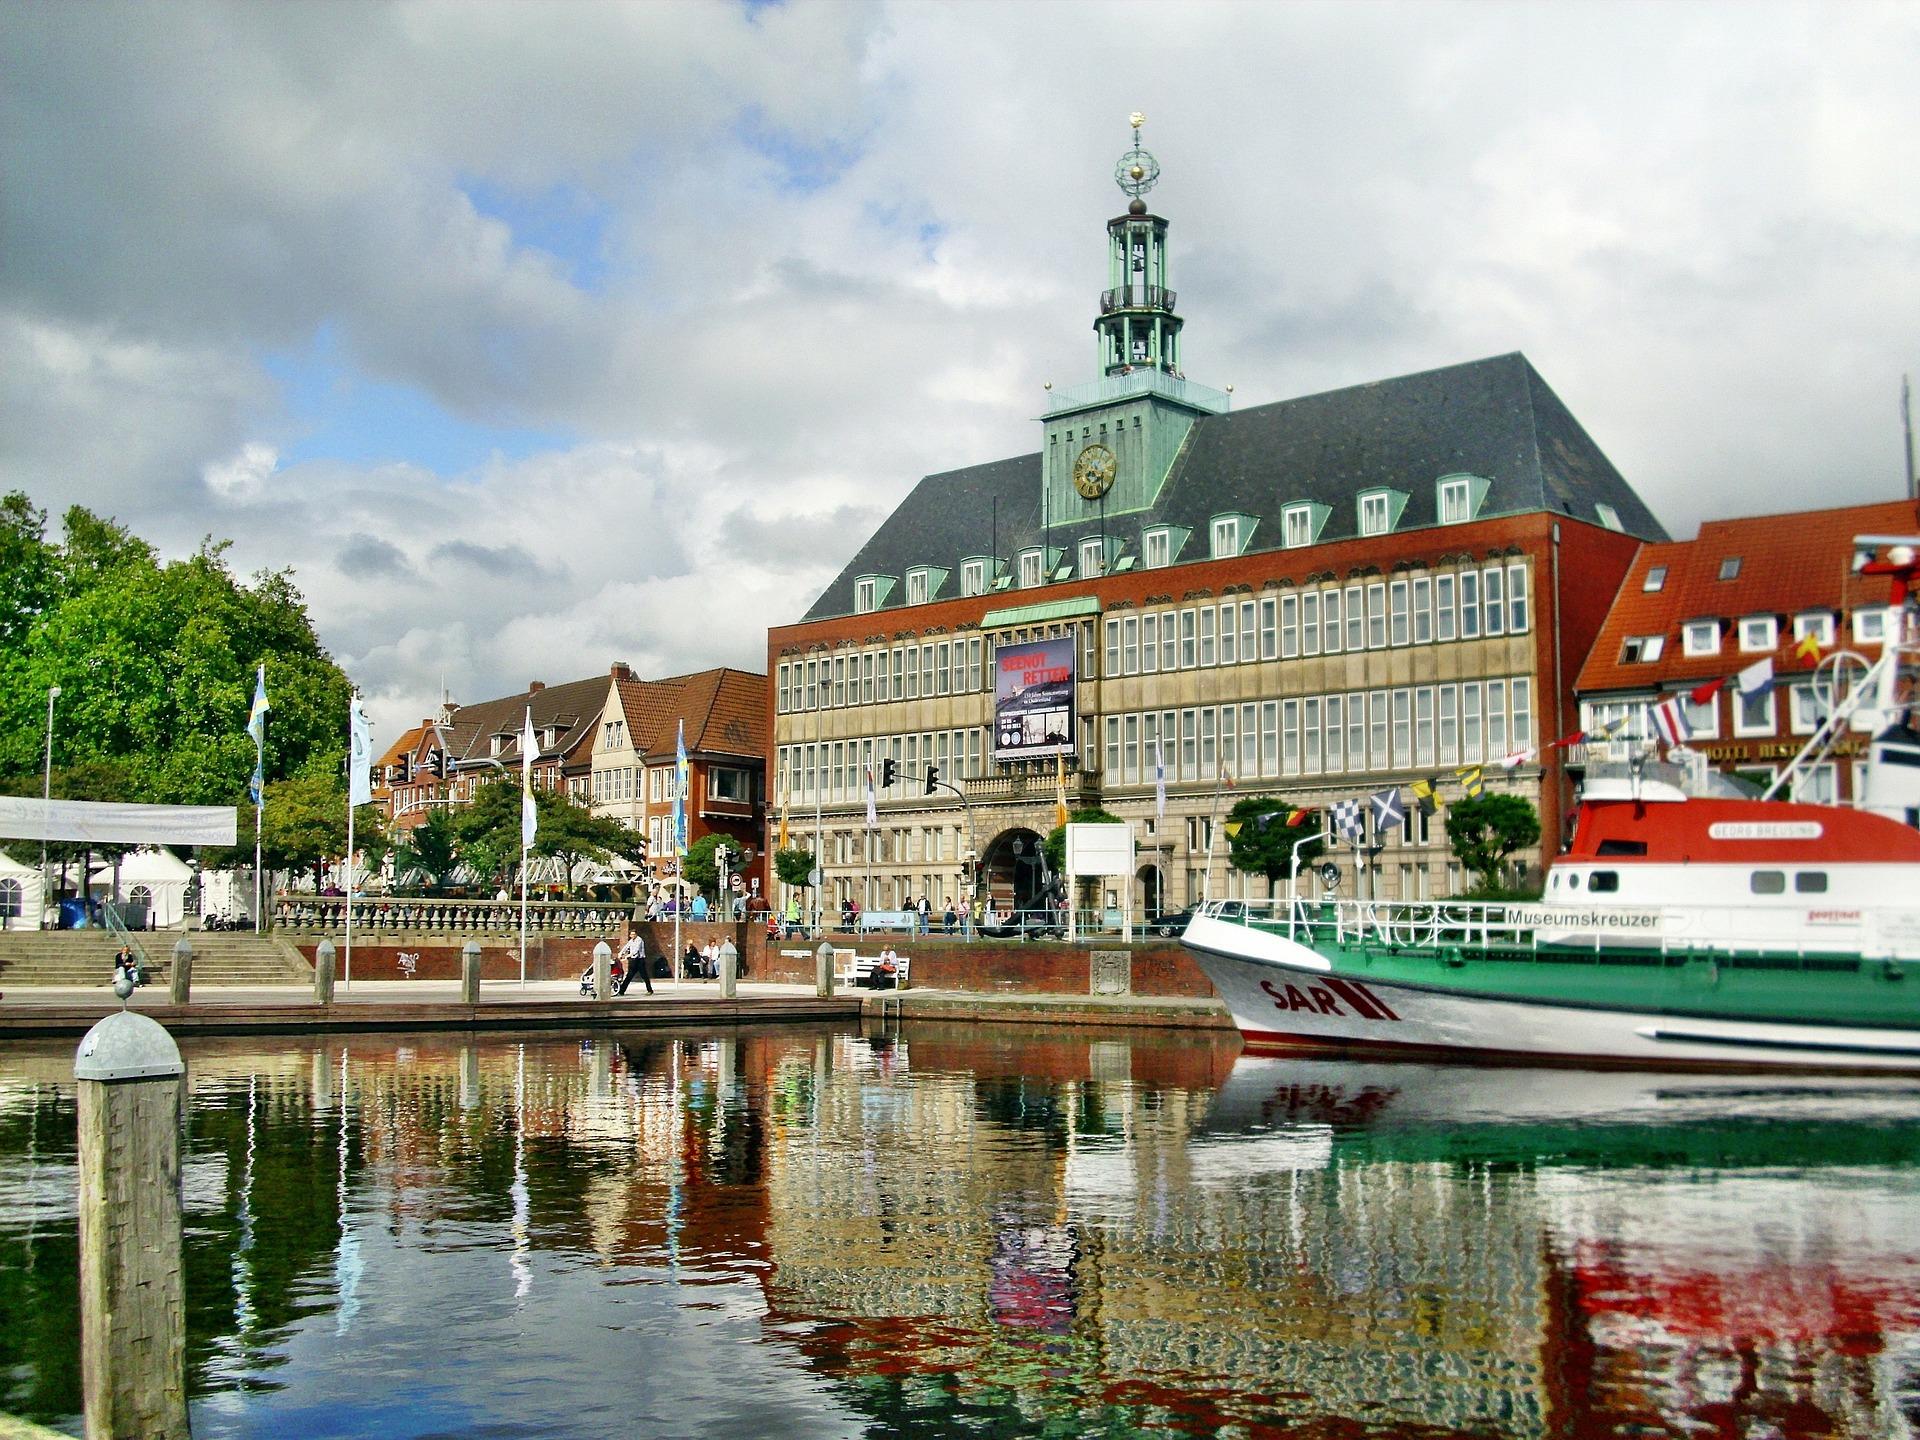 Blick auf das Rathaus in Emden